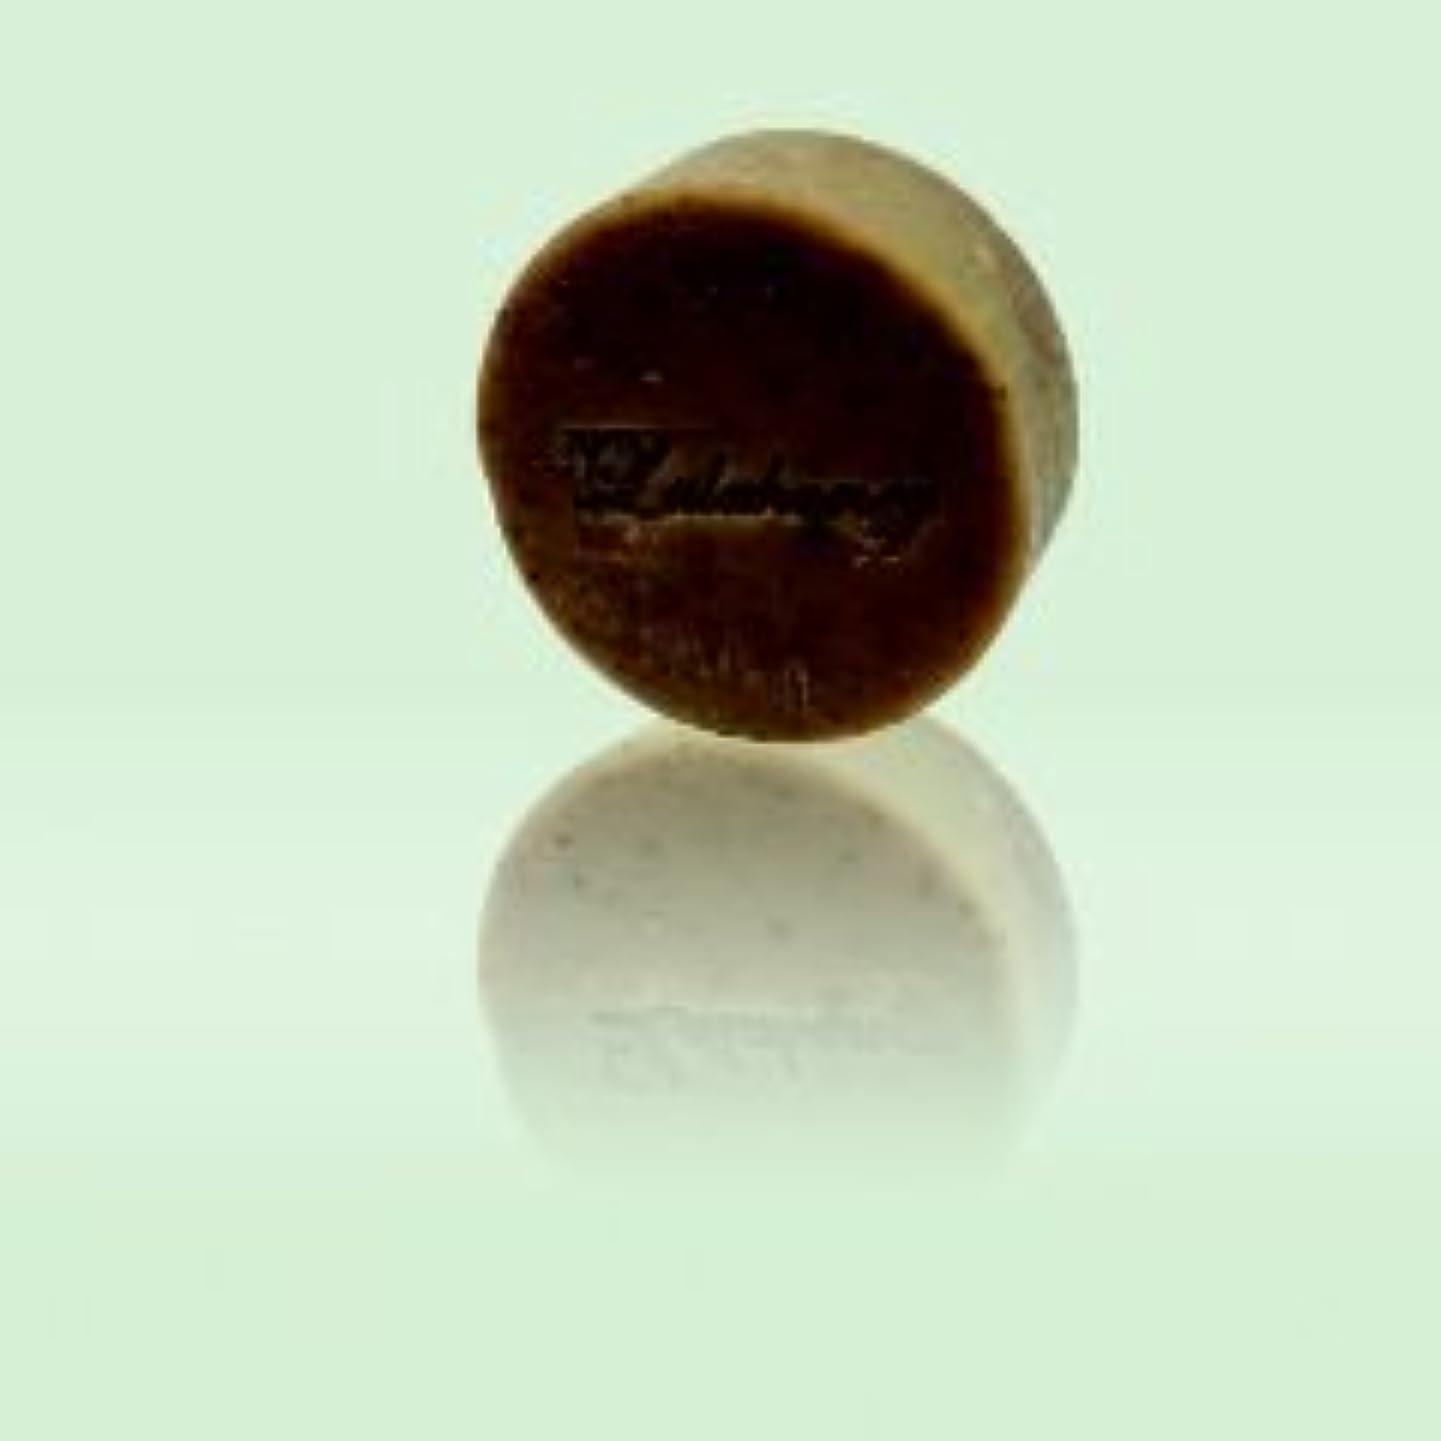 パトロールブラザーカールLALAHONEY 石鹸〈チョコレート&オレンジ〉80g【手作りでシンプルなコールドプロセス製法】